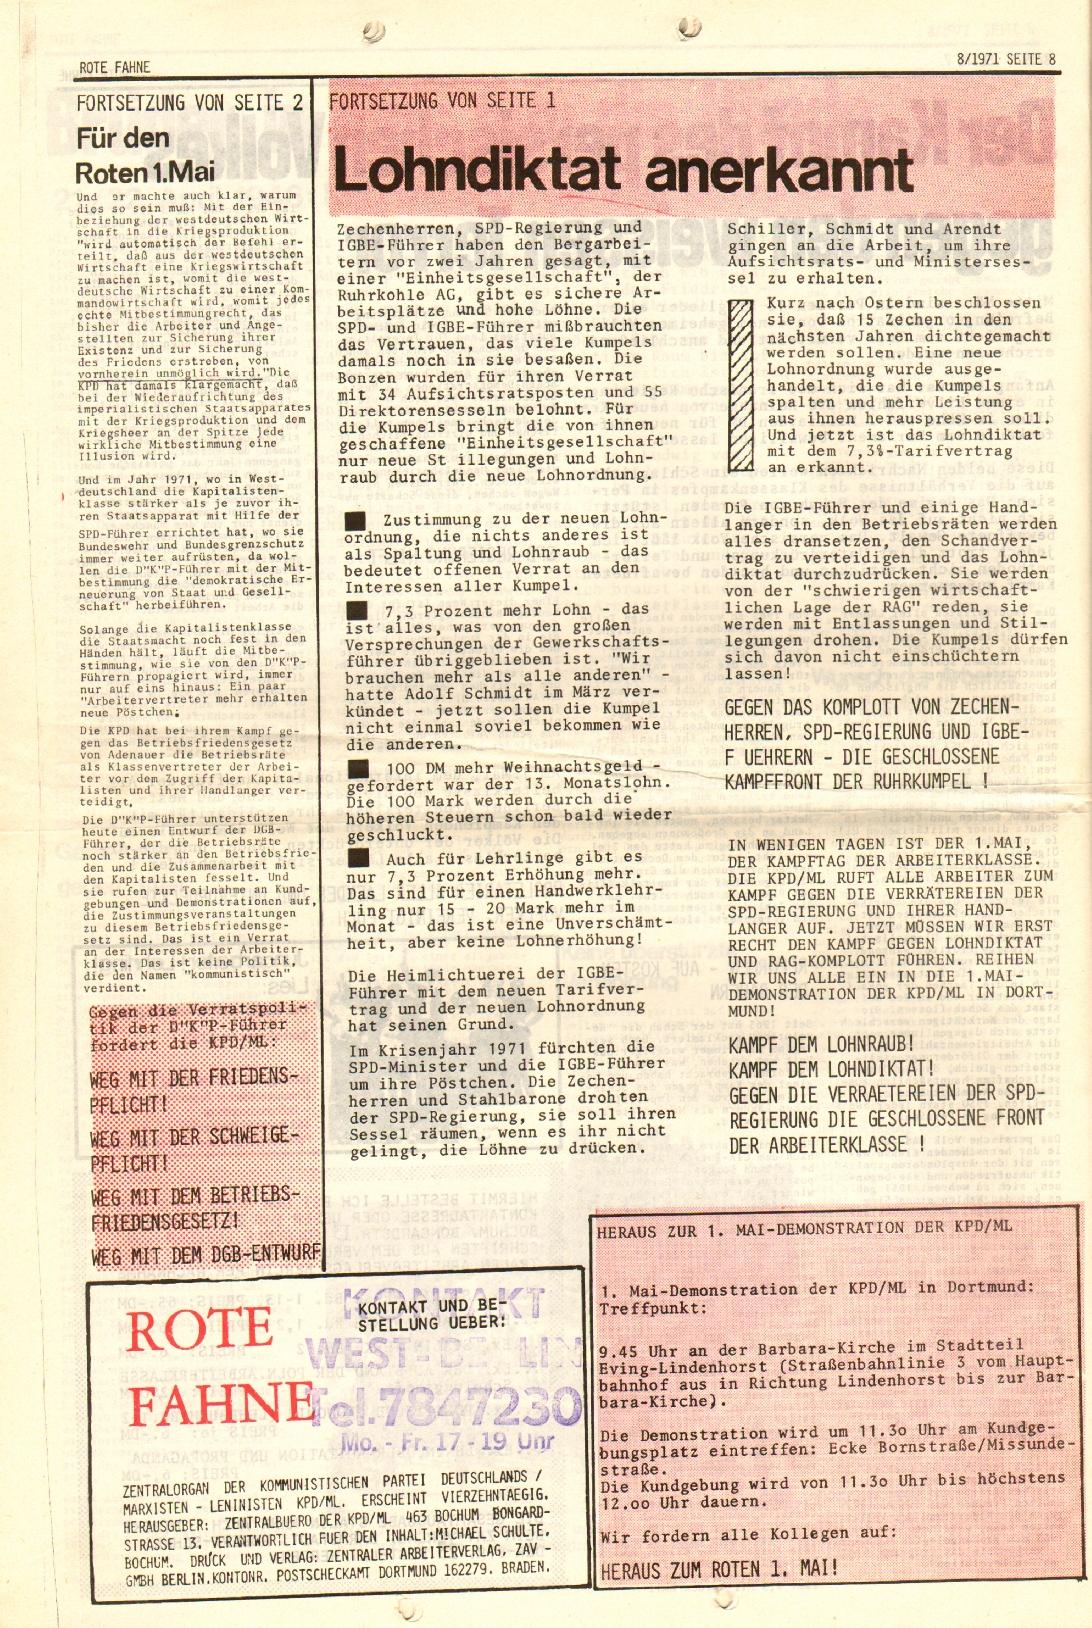 Rote Fahne, 2. Jg., 26.4.1971, Nr. 8, Seite 8